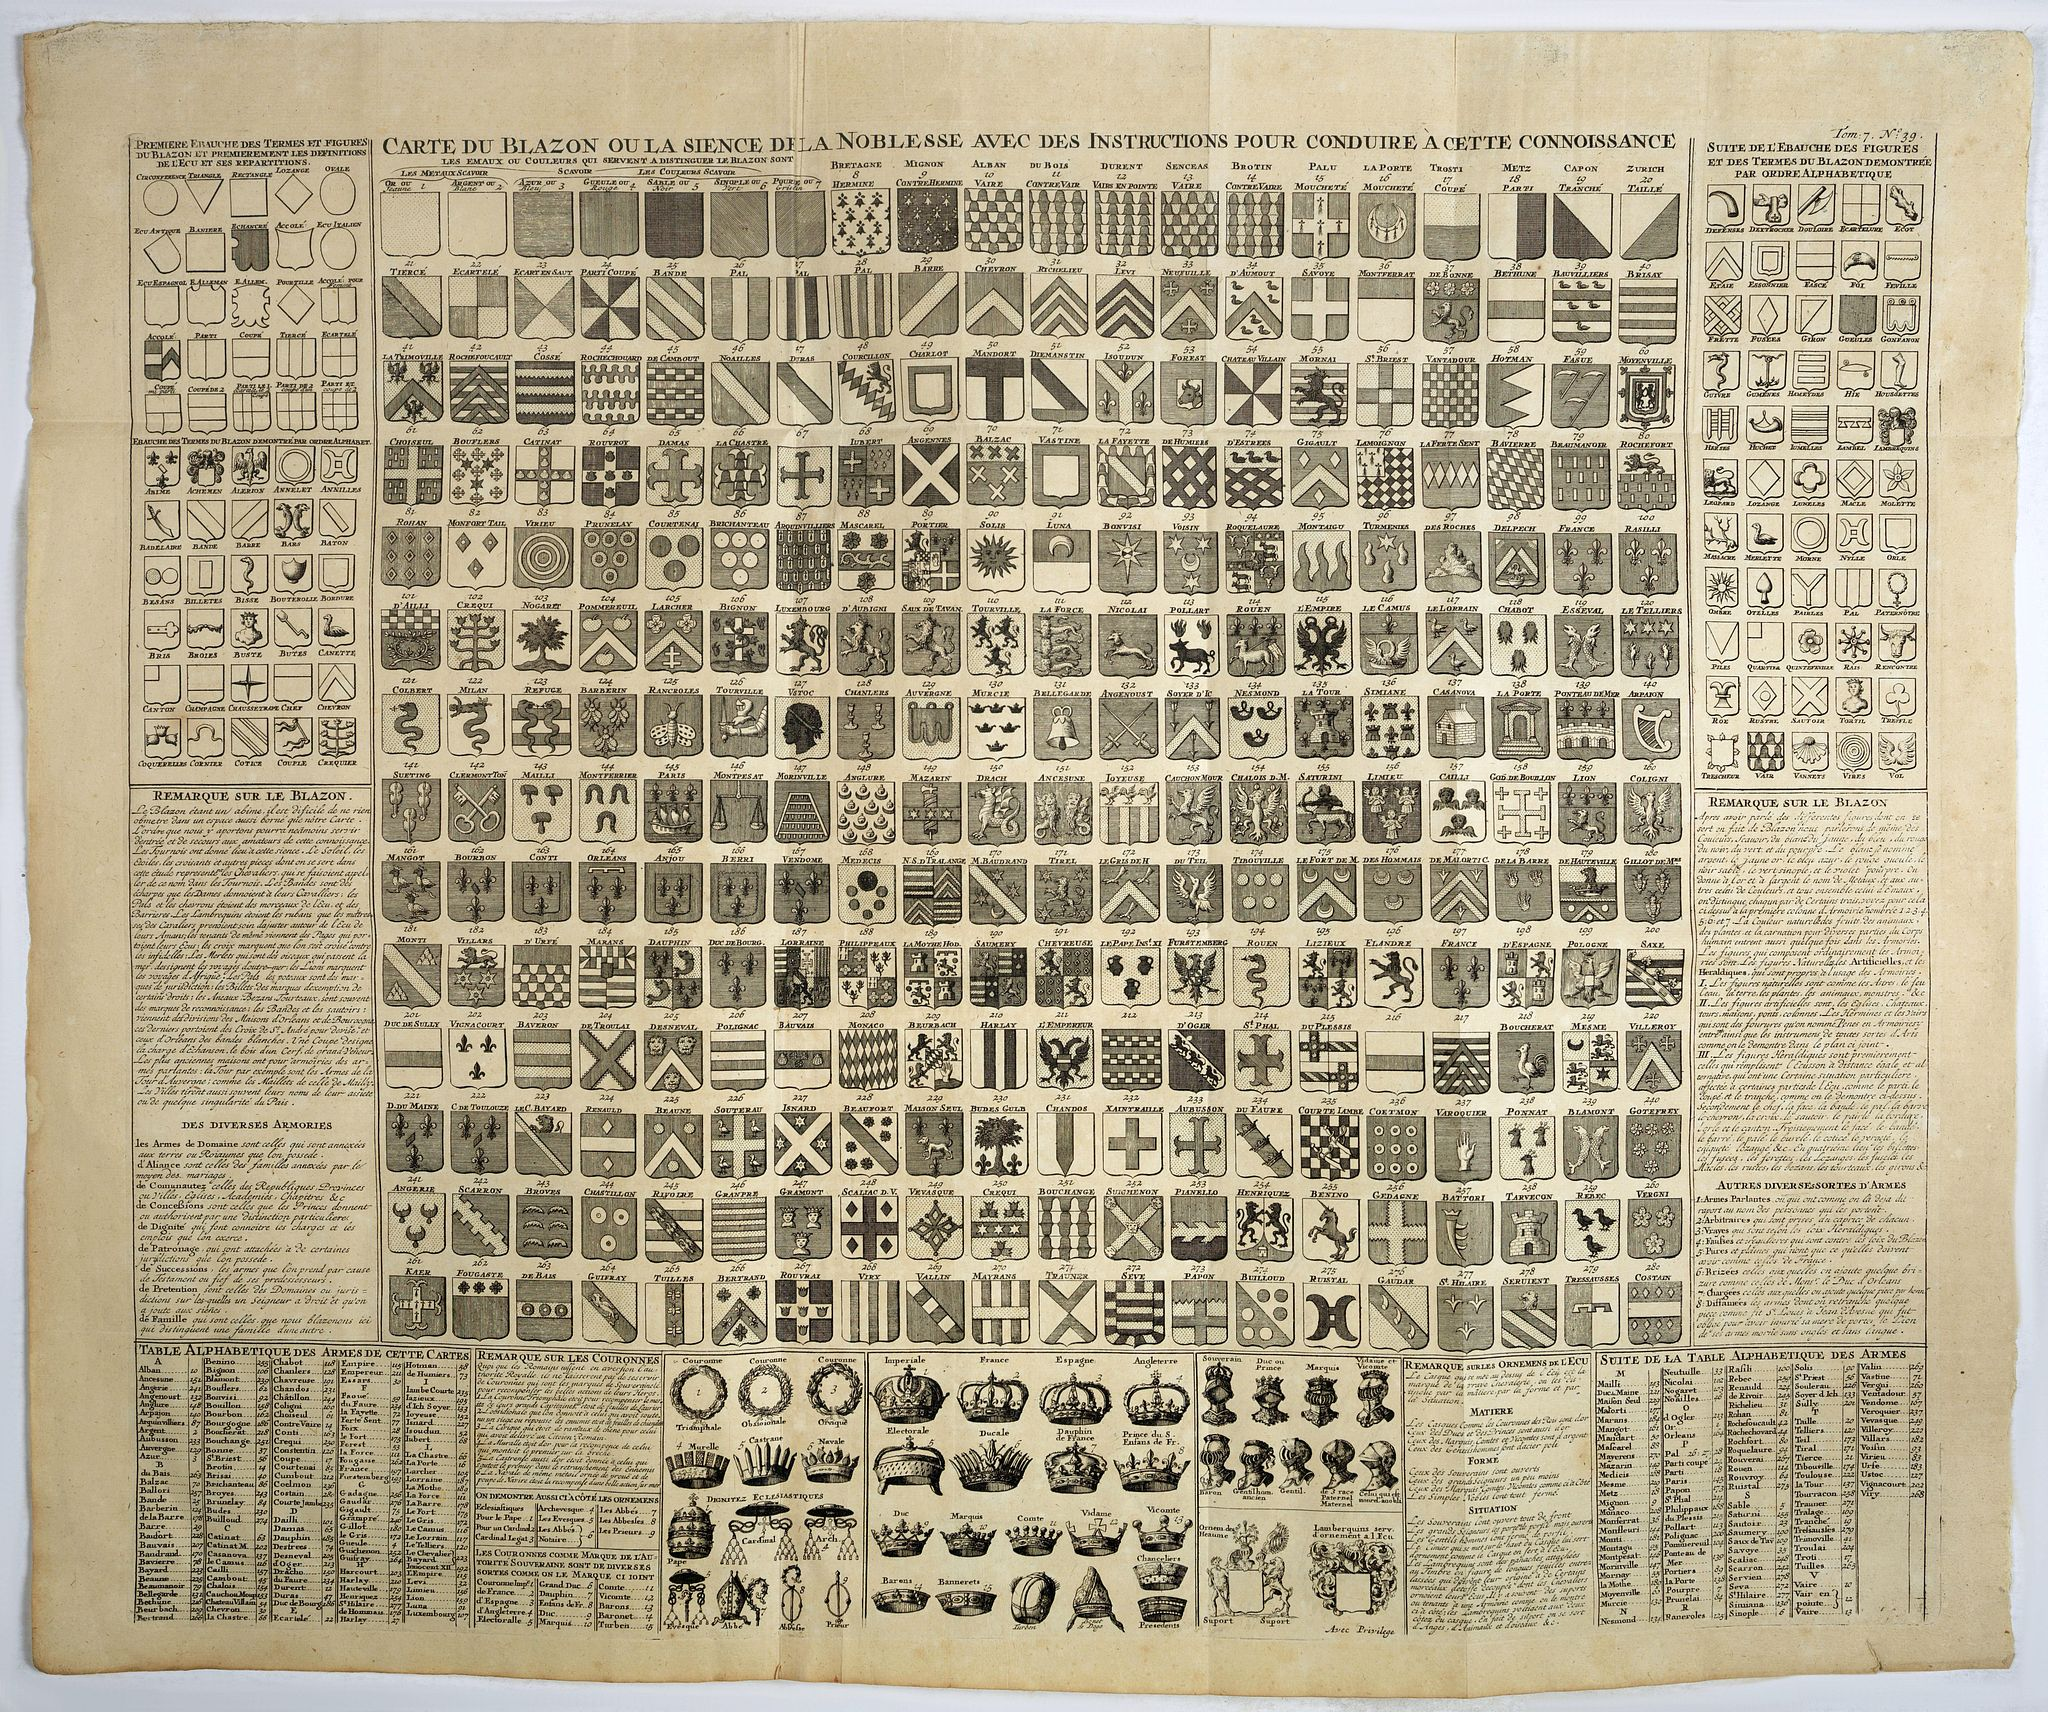 CHATELAIN, H. -  Carte du blazon ou la science de la noblesse avec des instructions pour conduire a cette connaissance.